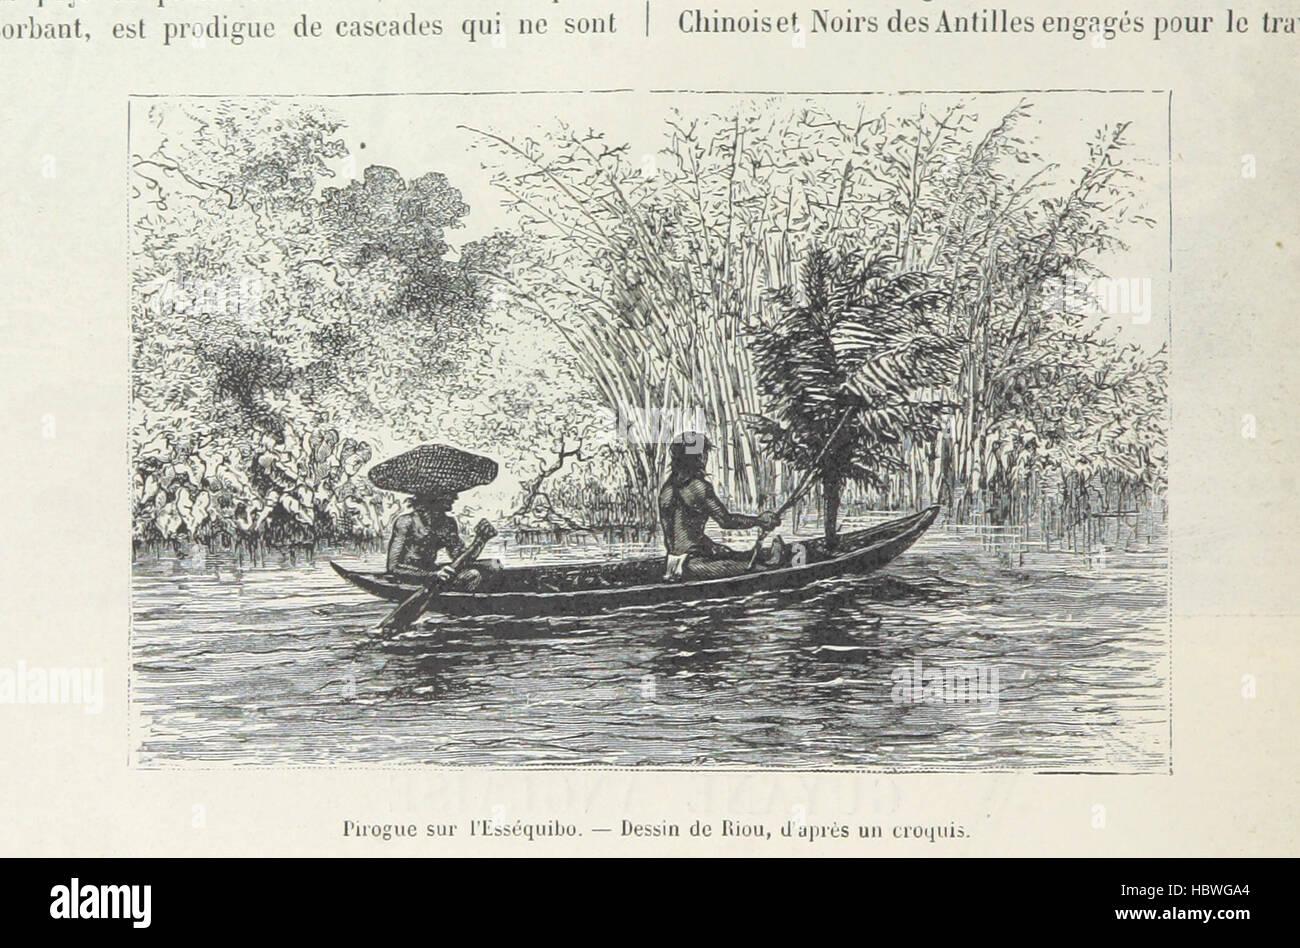 Image taken from page 848 of '[Géographie. La Terre à vol d'oiseau ... Troisième édition illustrée - Stock Image